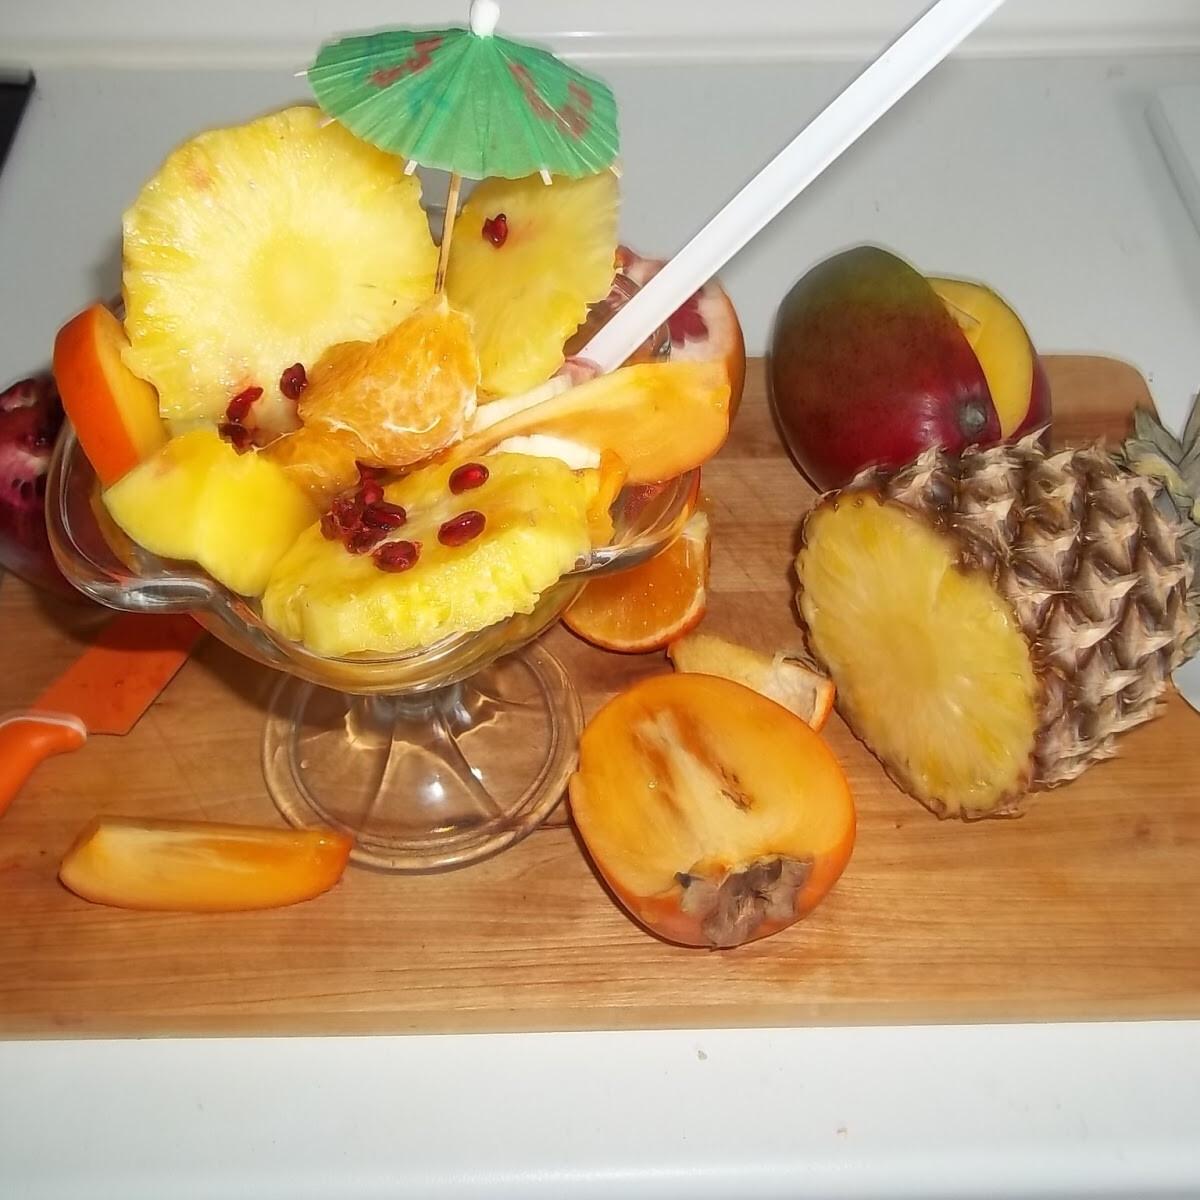 Ezen a képen: Egzotikus gyümölcssaláta vodkával